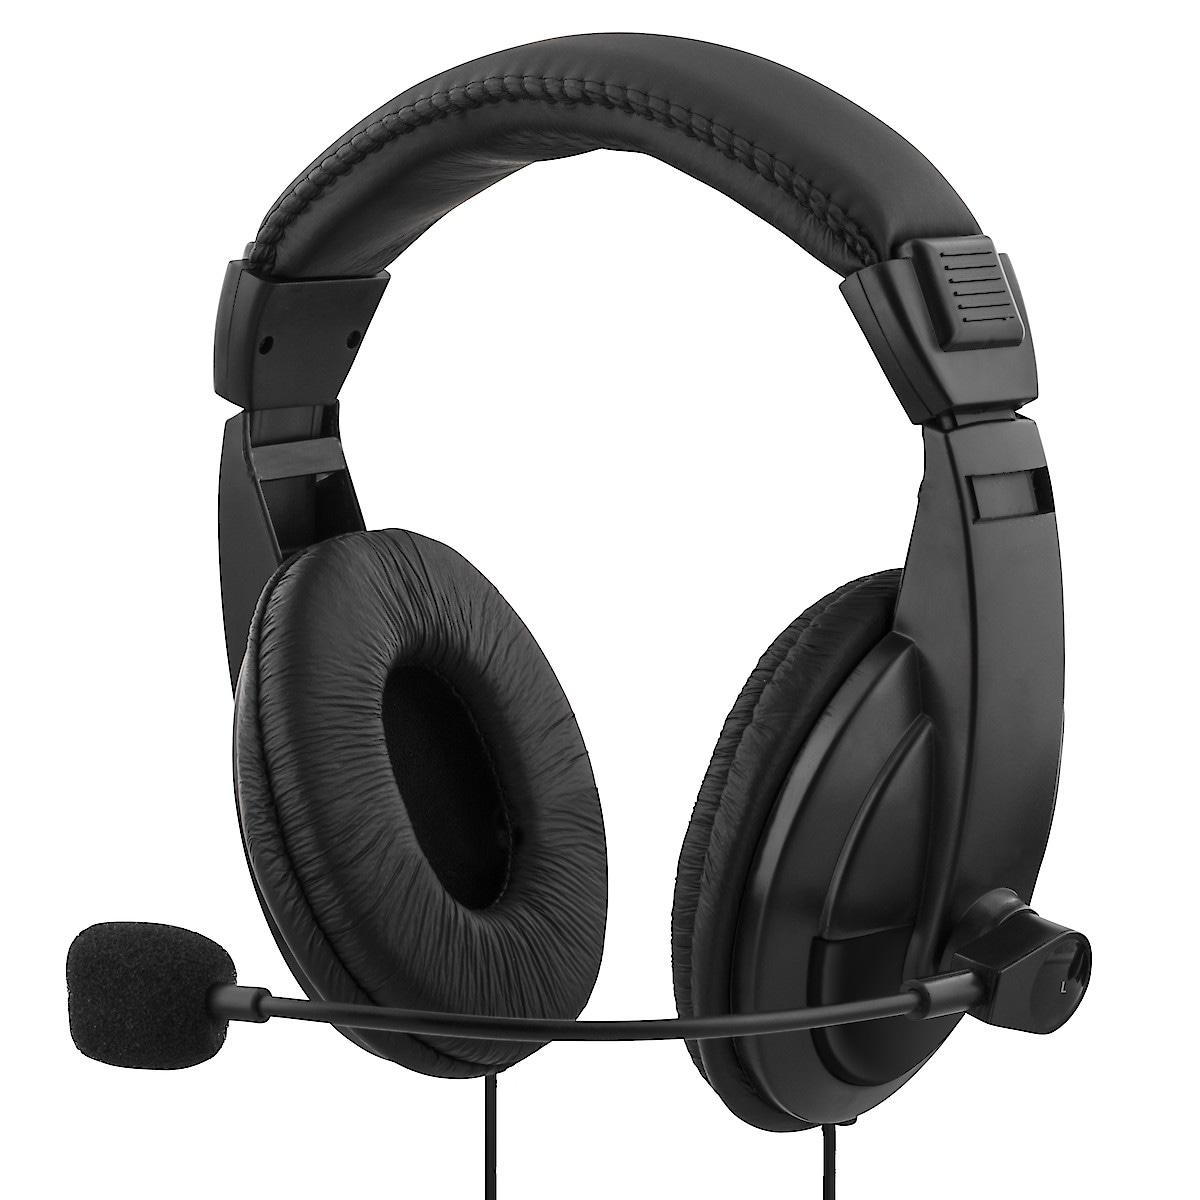 Headset Deltaco HL-56